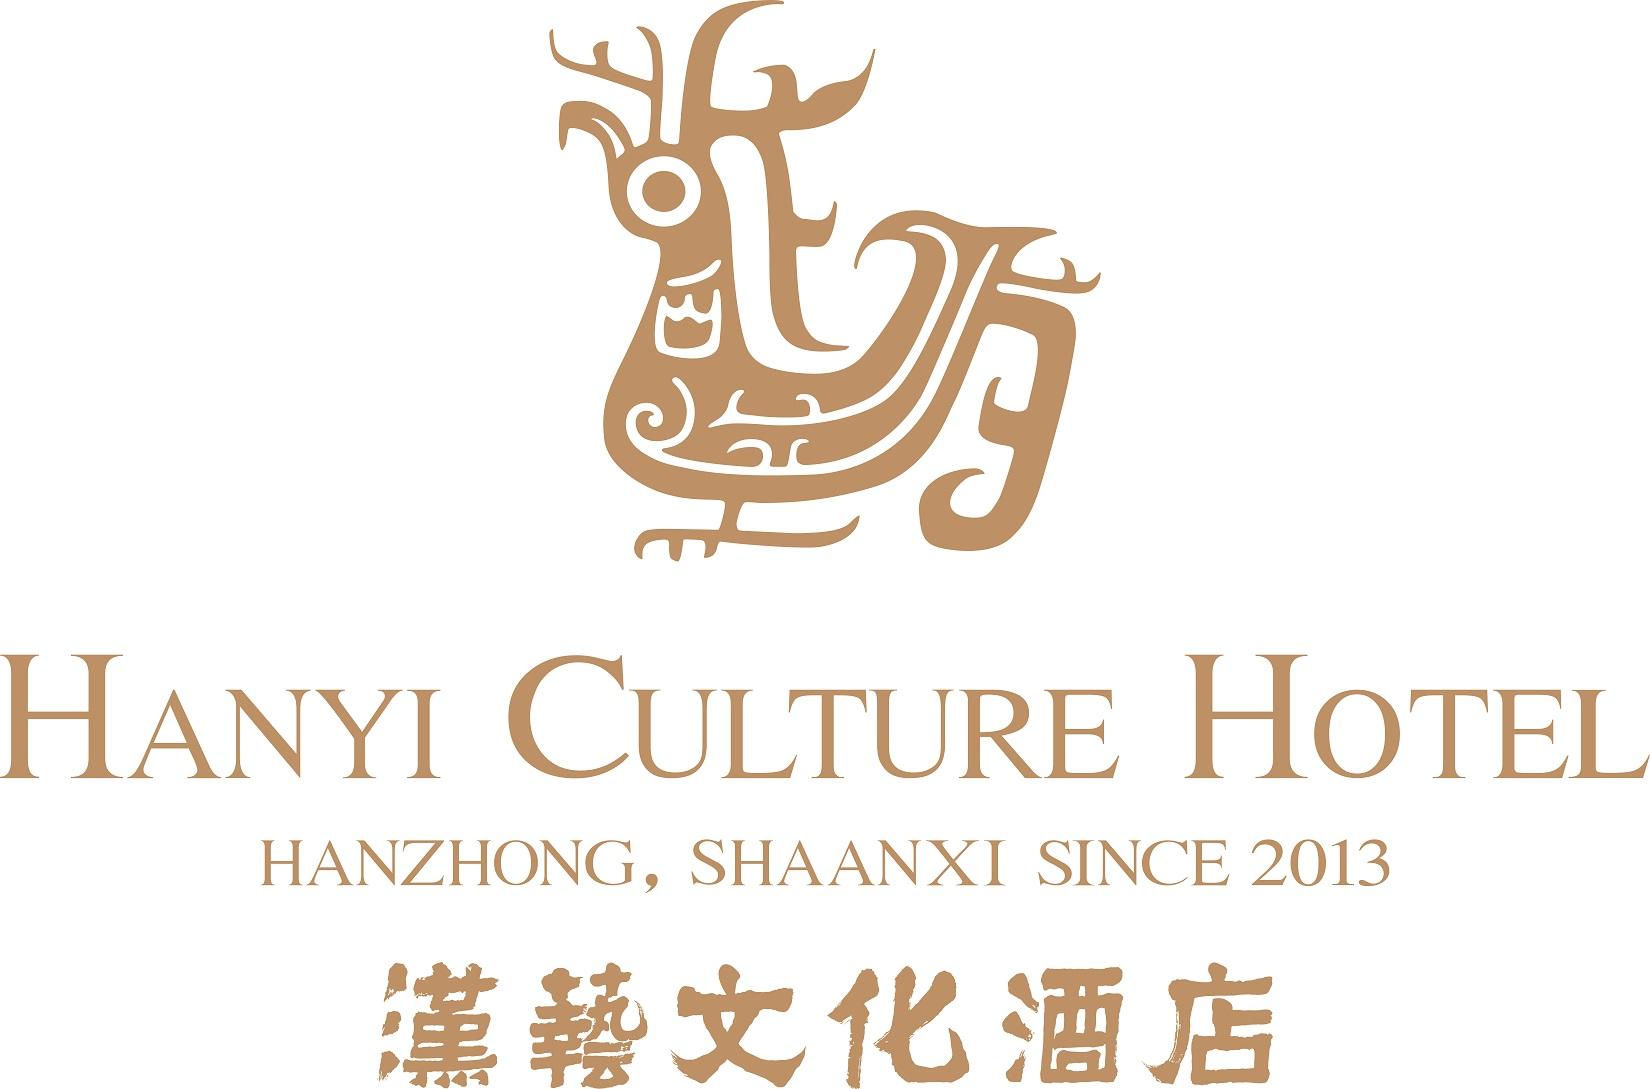 汉中汉艺文化酒店有限公司